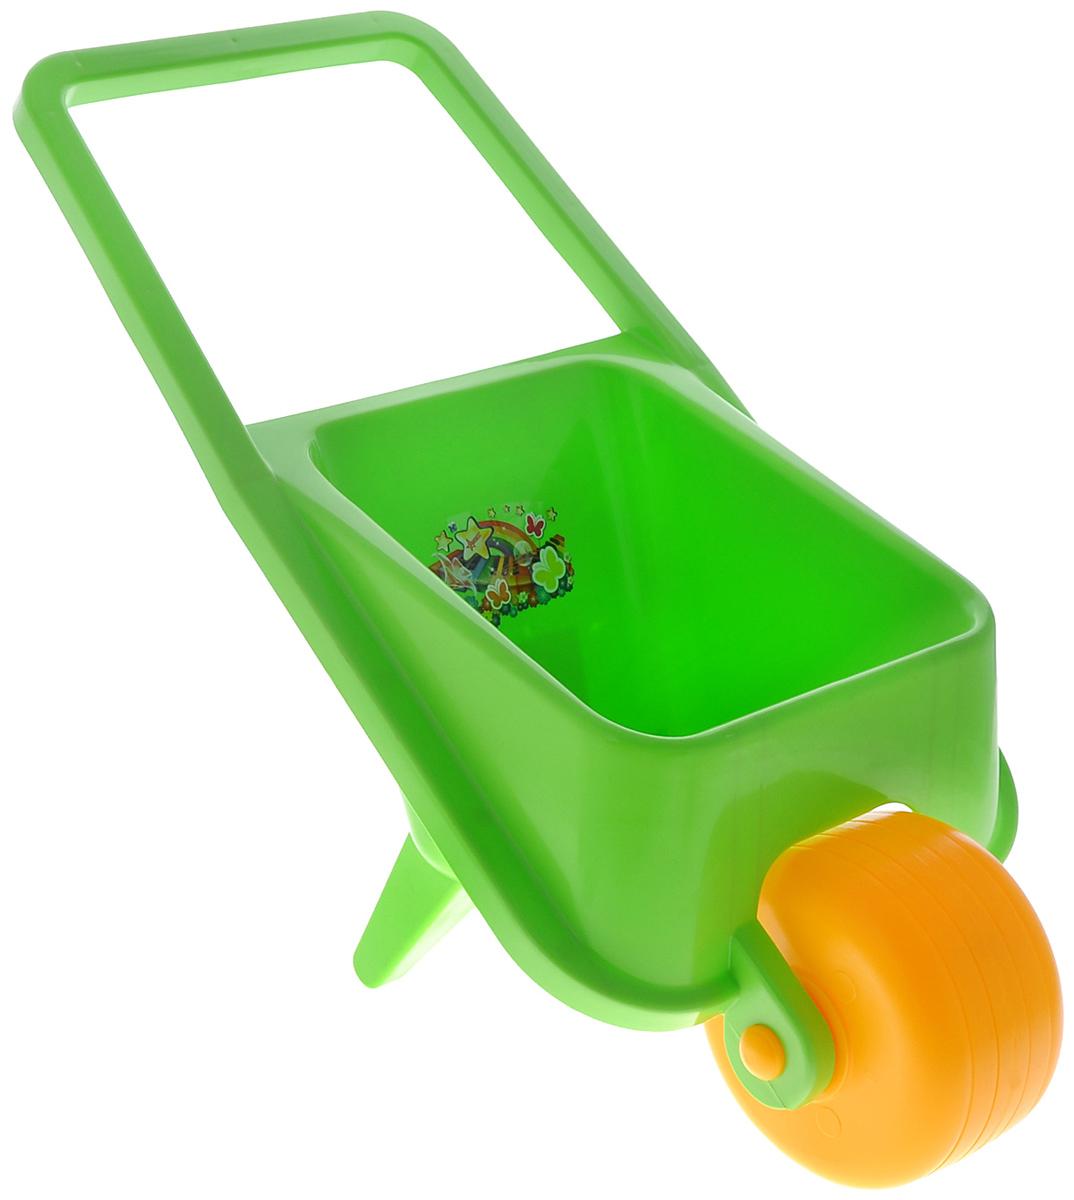 Нордпласт Тачка детская цвет салатовый431726_салатовыйДетская одноколесная тачка Нордпласт, изготовленная из прочного безопасного яркого пластика, привлечет внимание вашего ребенка и поможет приучить его к труду. С этой игрушечной тачкой ваш малыш будет весело проводить время, подражая маме и папе. Производство детских игрушек компании Нордпласт осуществляется по проектам собственной дизайн-студии. К качеству используемых материалов, предъявляются самые высокие требования: как с точки зрения безопасности, так и с точки зрения прочности и устойчивости красителей, ведь эти игрушки предназначены не только для взрослых, но и для самых маленьких детей.